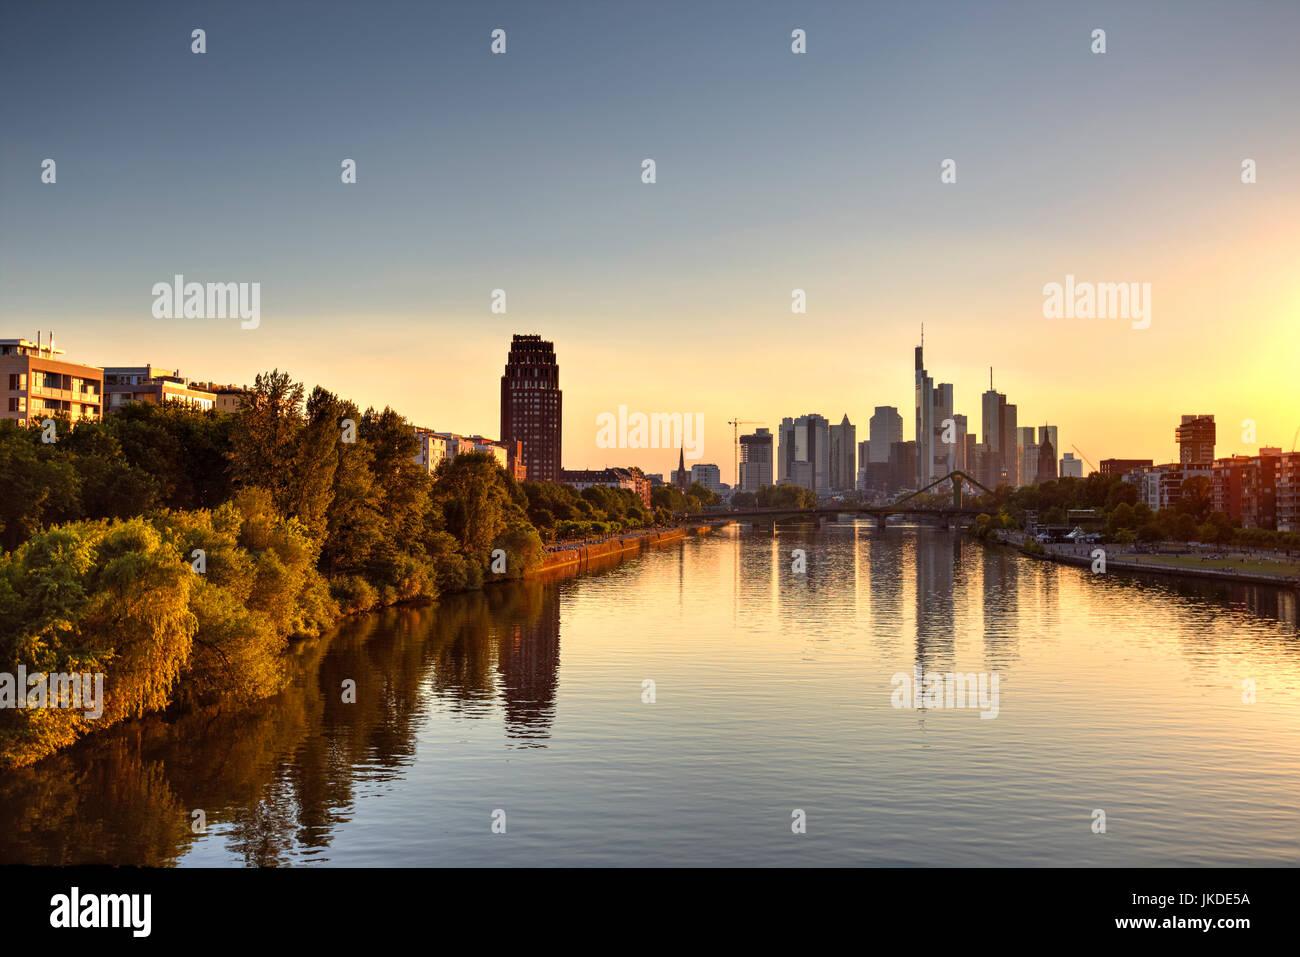 Gratte-ciel de Francfort compte sur la rivière Main et l'heure d'or, Allemagne Photo Stock